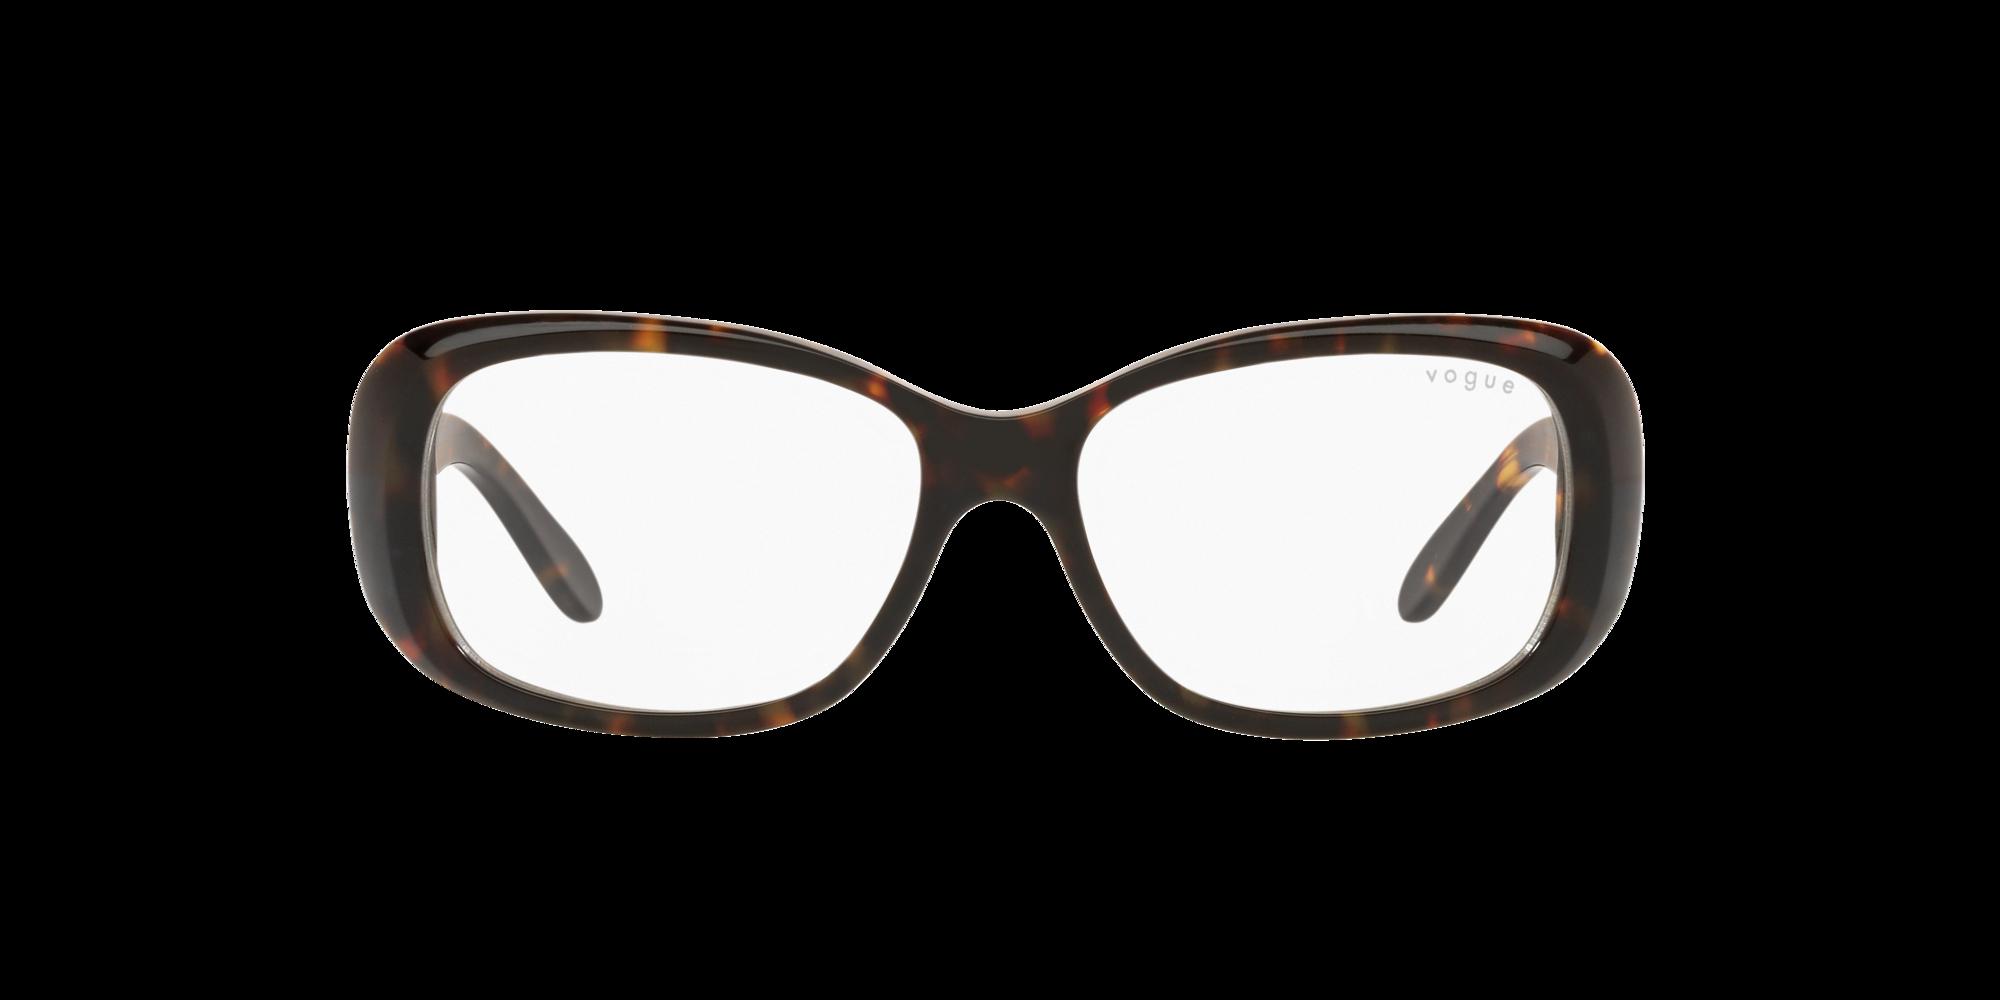 Imagen para VO2606S de LensCrafters |  Espejuelos, espejuelos graduados en línea, gafas